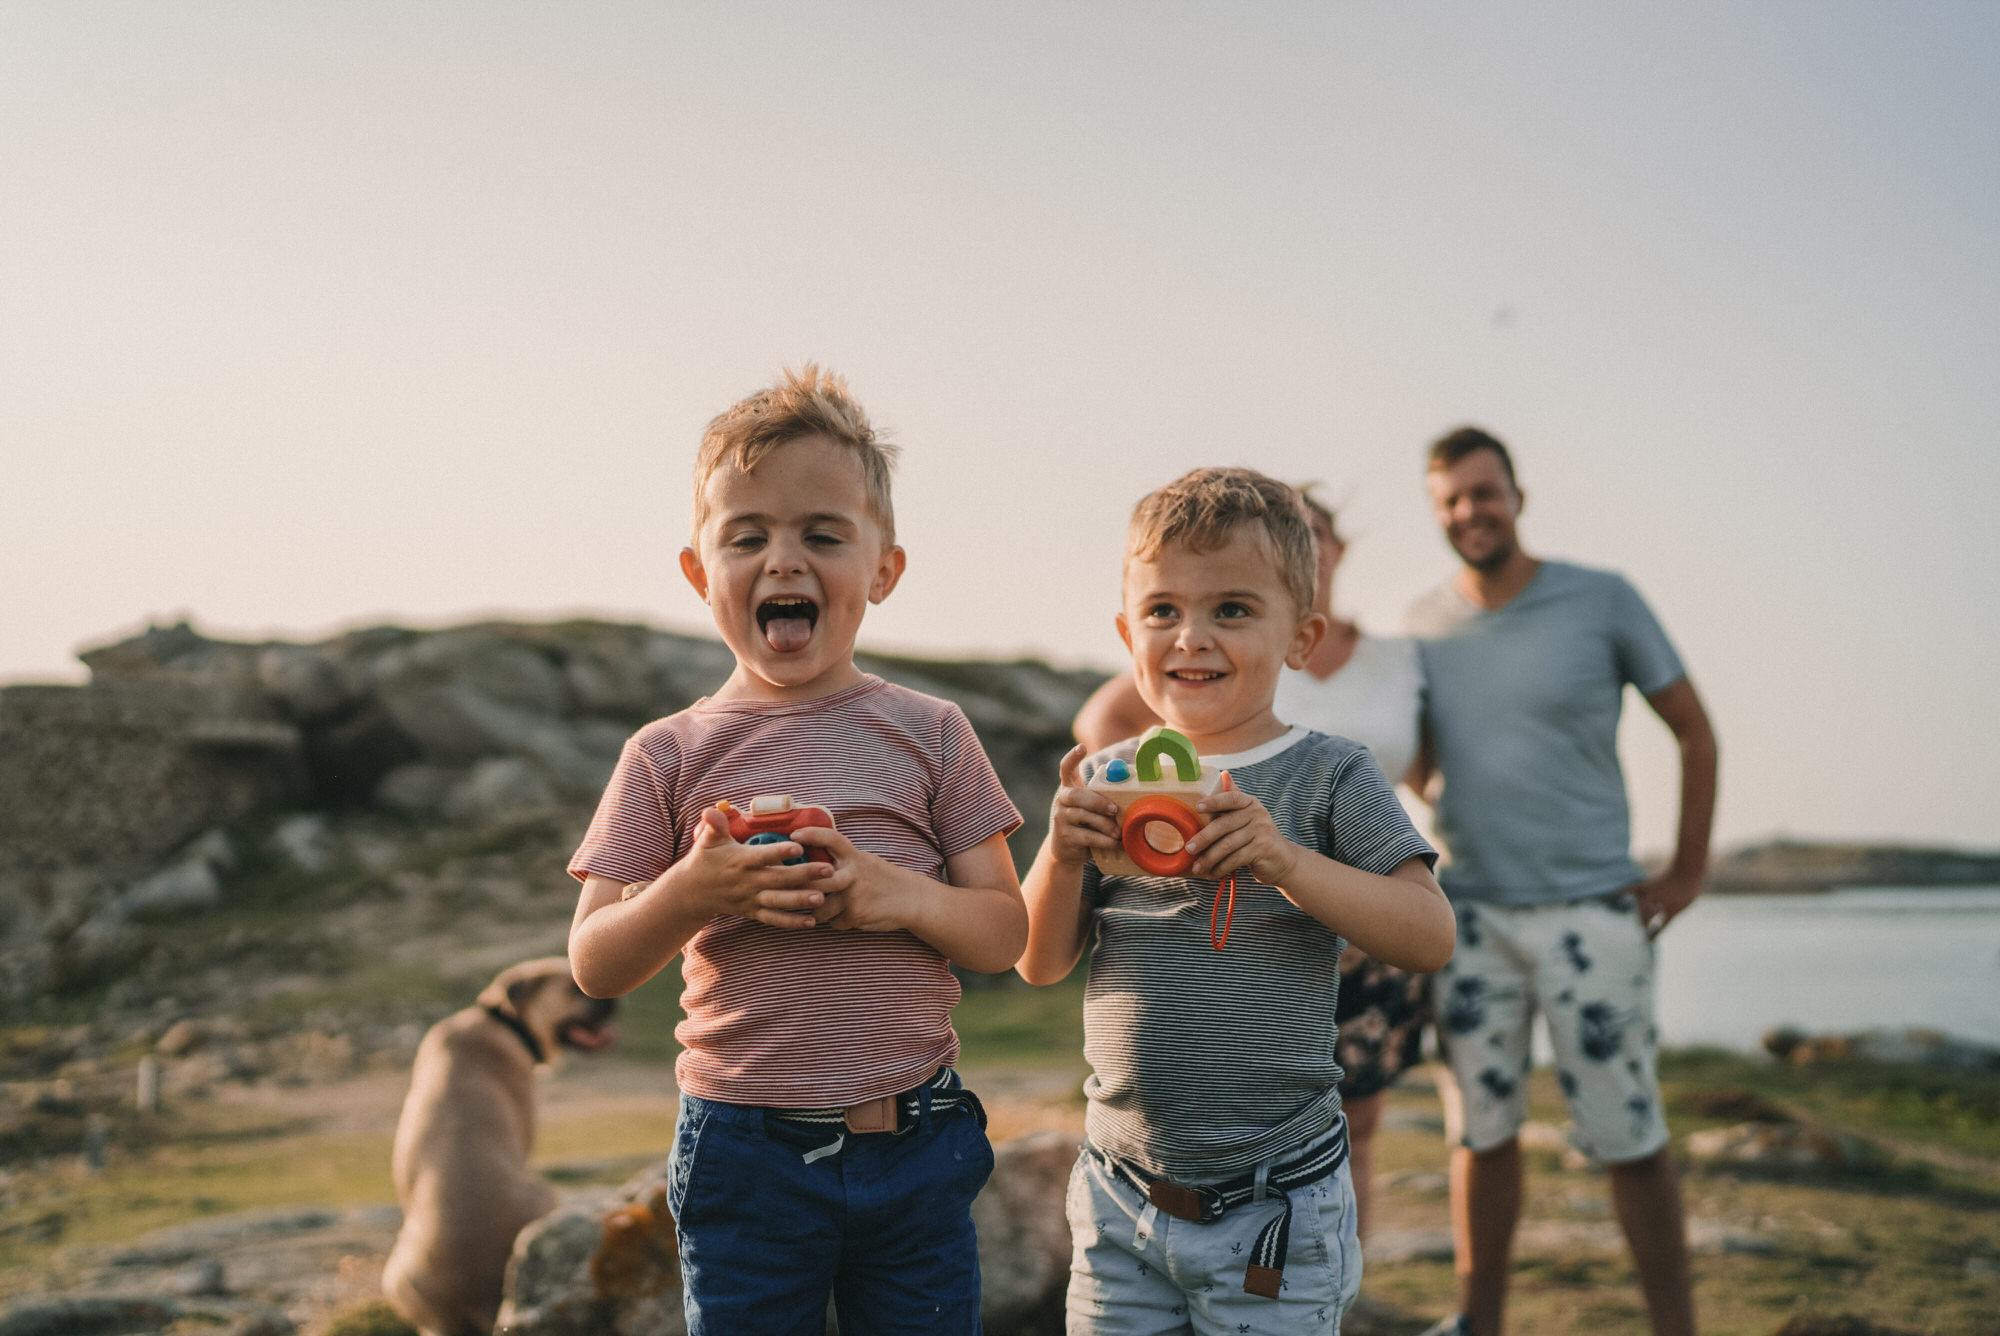 2021.07.20 Photo De Famille A Porspoder En Bretagne Par Antoine Borzeix 160, Photographe & Videaste à Brest / Finistère